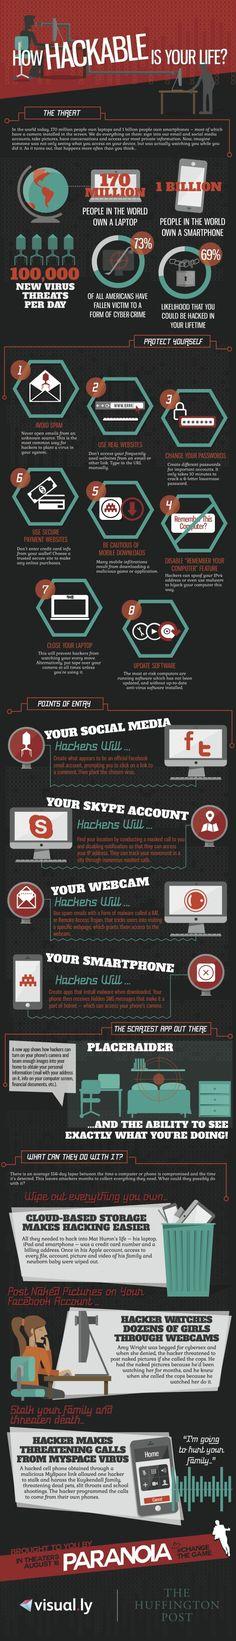 How Hackable is Your